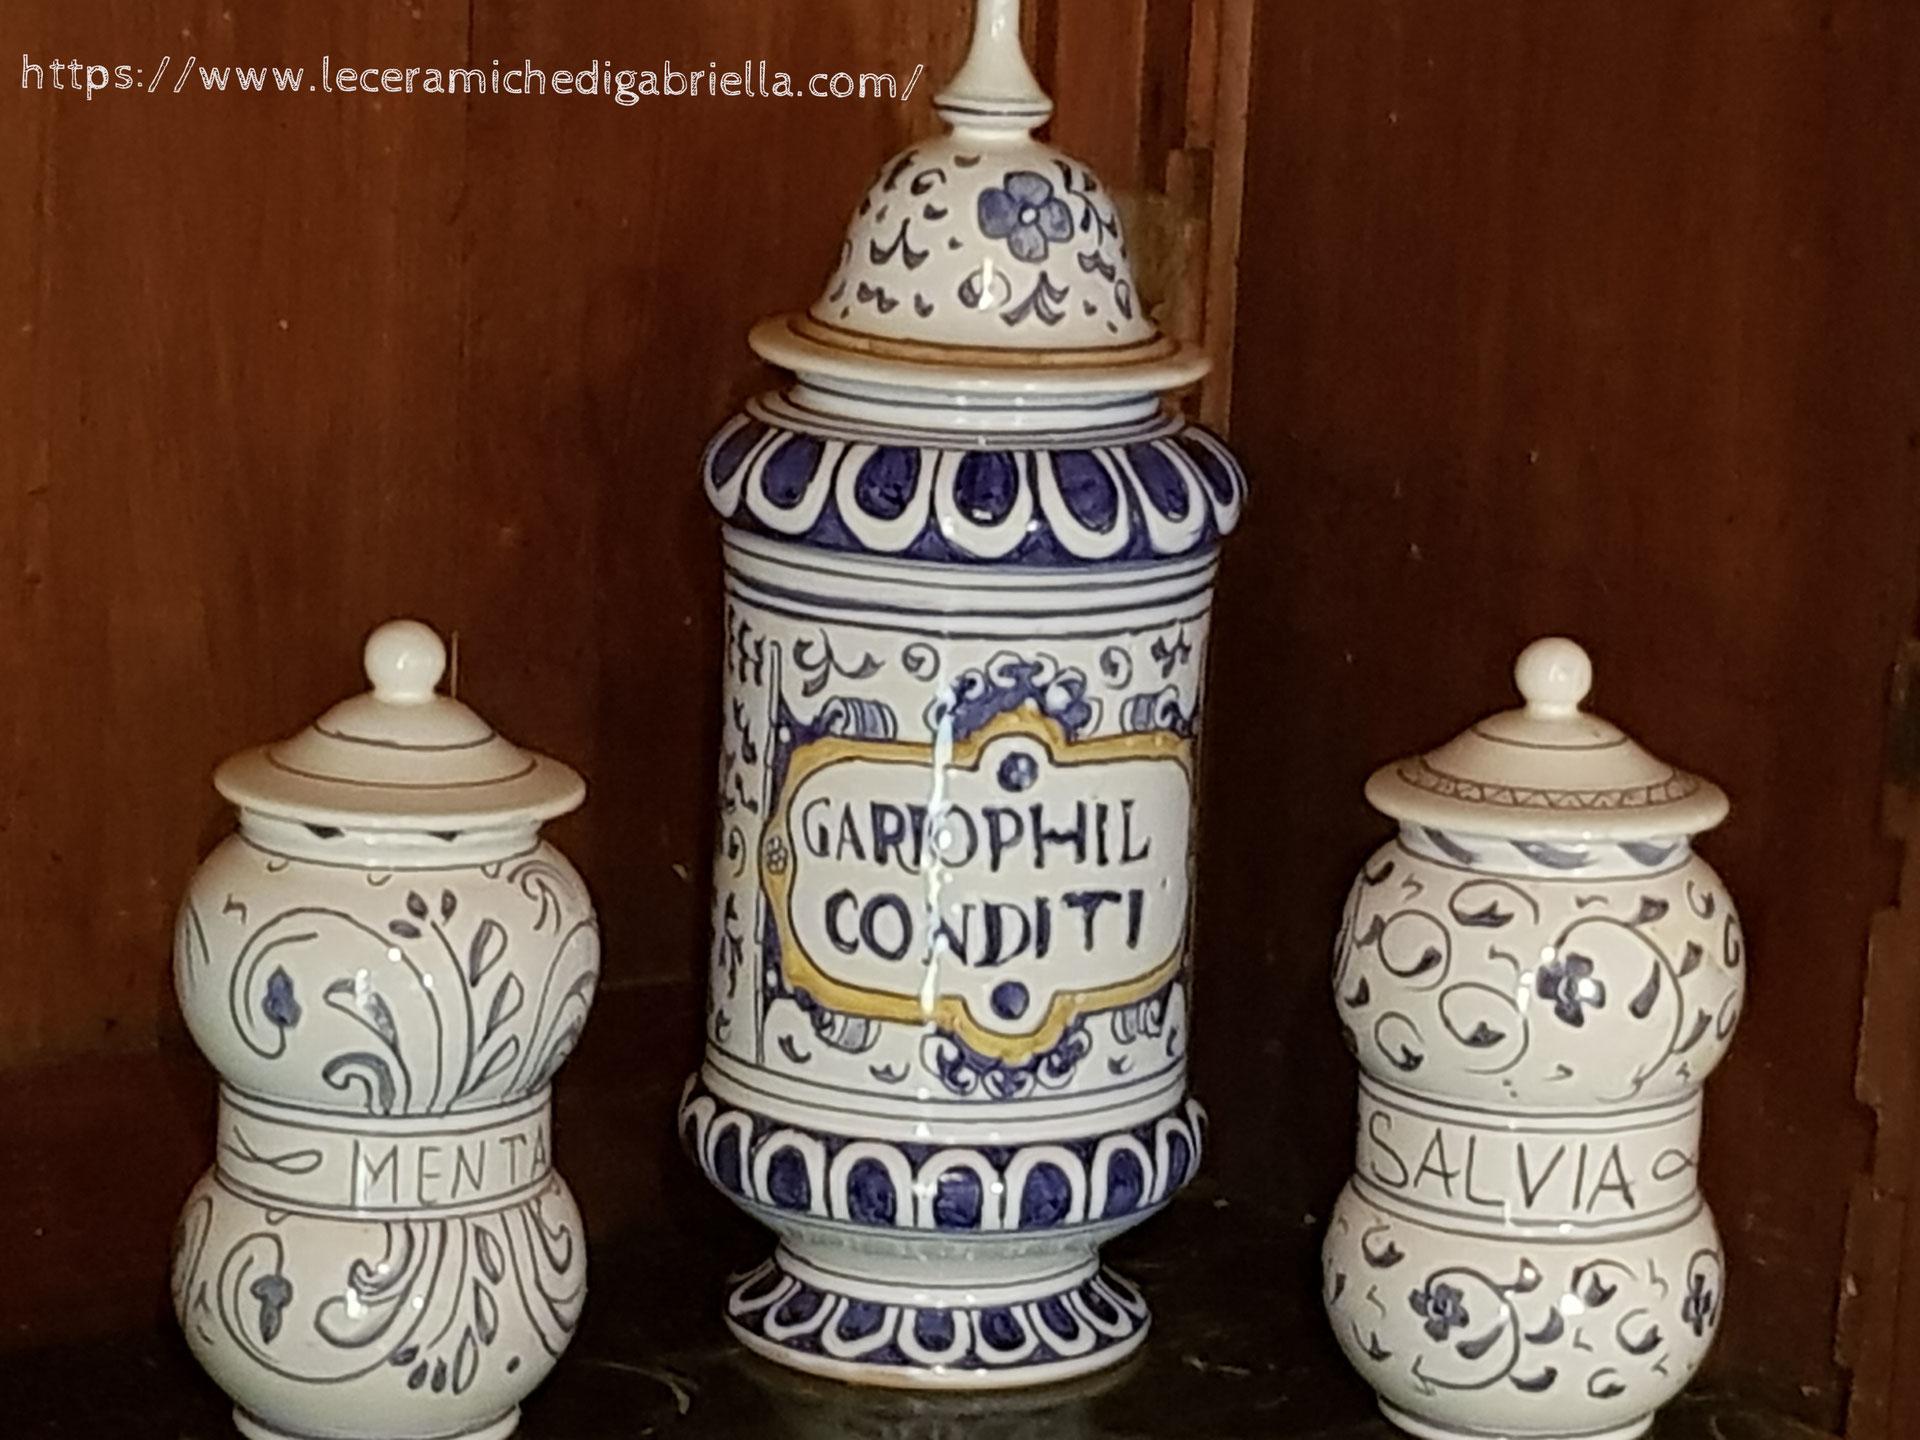 blog corsi di ceramica pezzi unici a mano  ceramica artistica